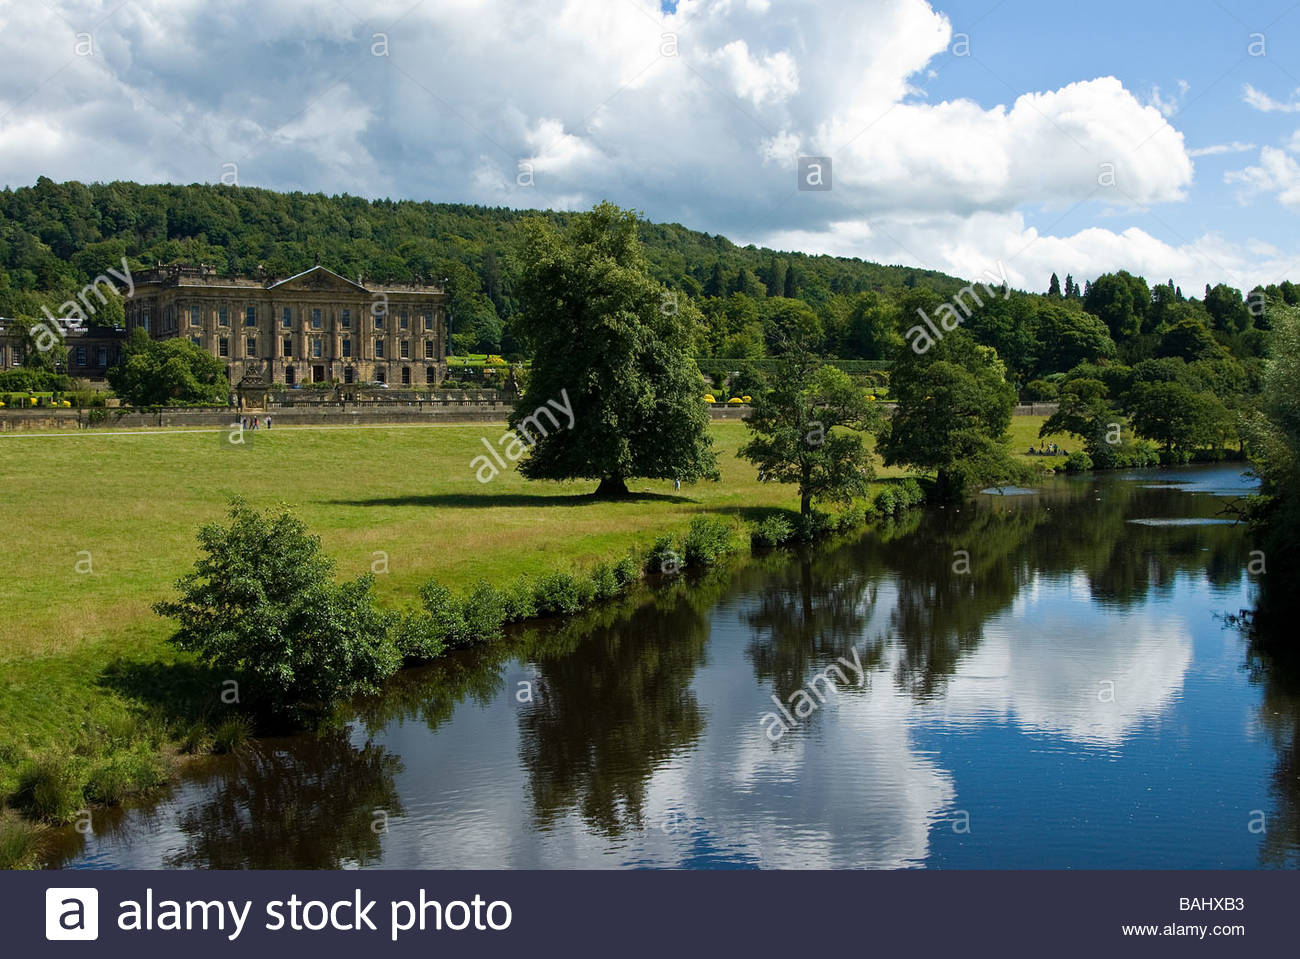 Chatsworth House and grounds, Derbyshire, England, UK - Stock Image